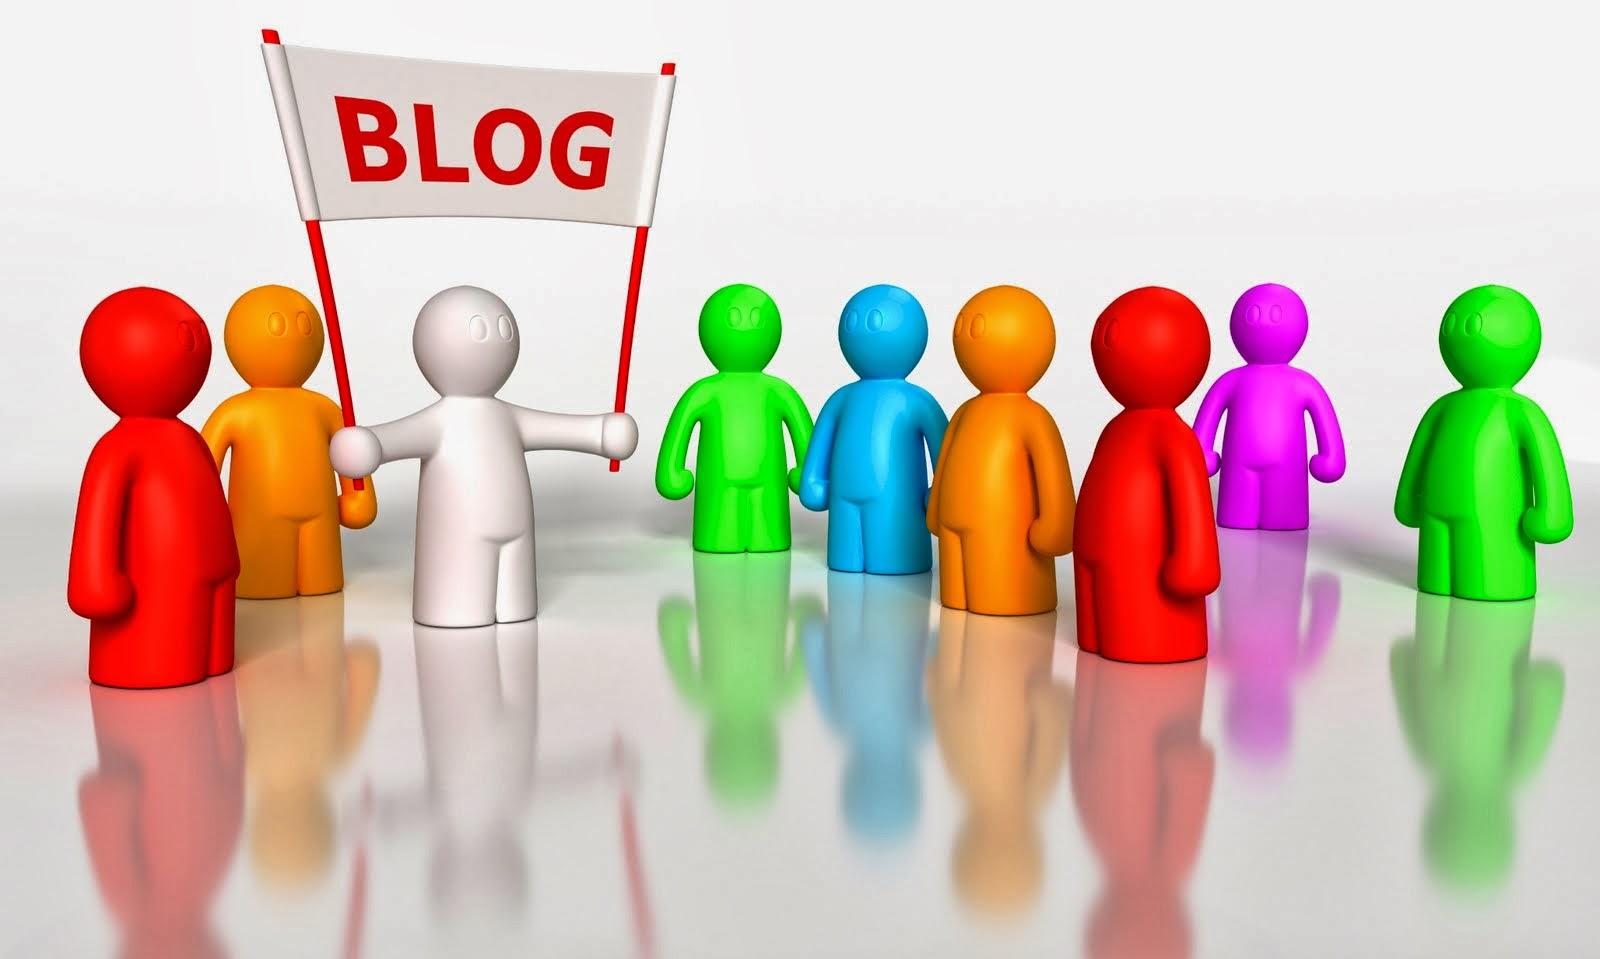 блог это картинки виде гранитного креста